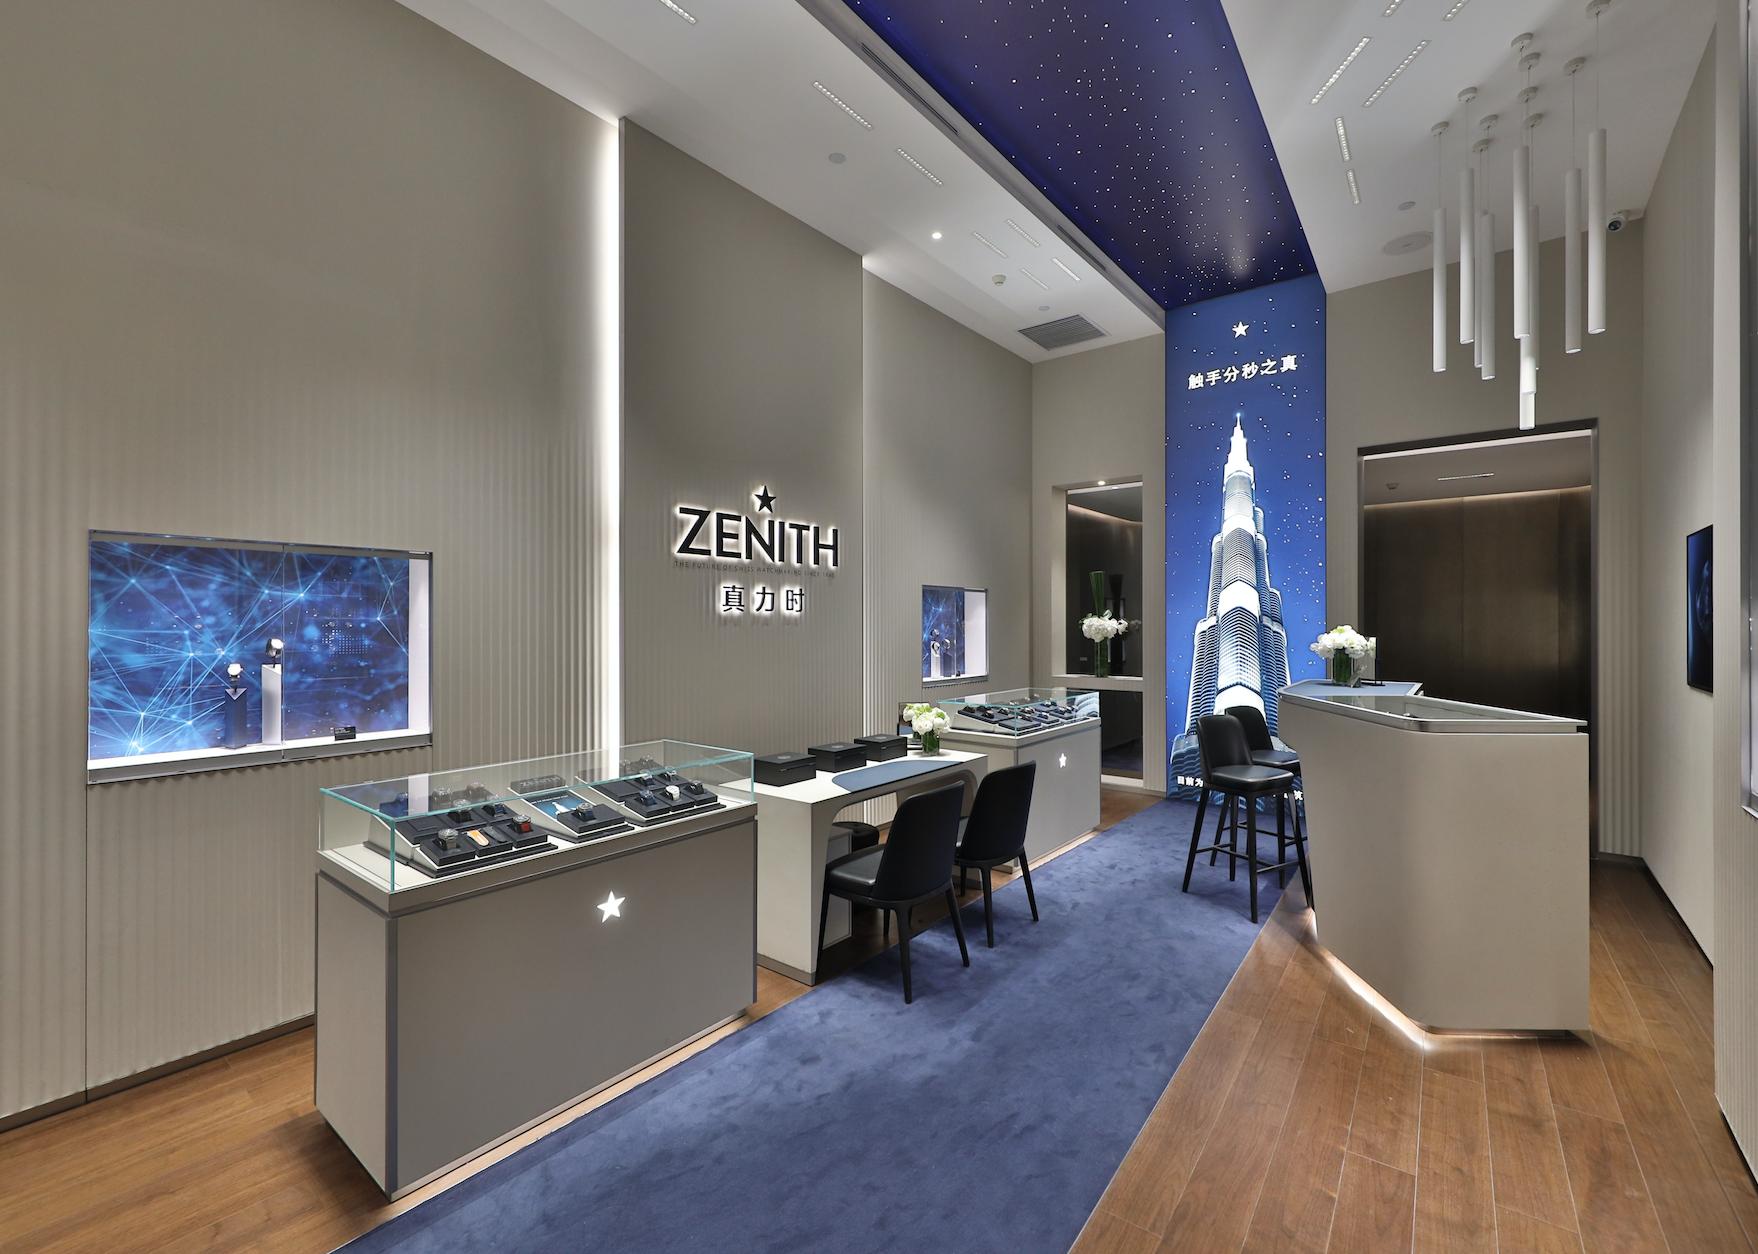 Zenith inaugura boutique